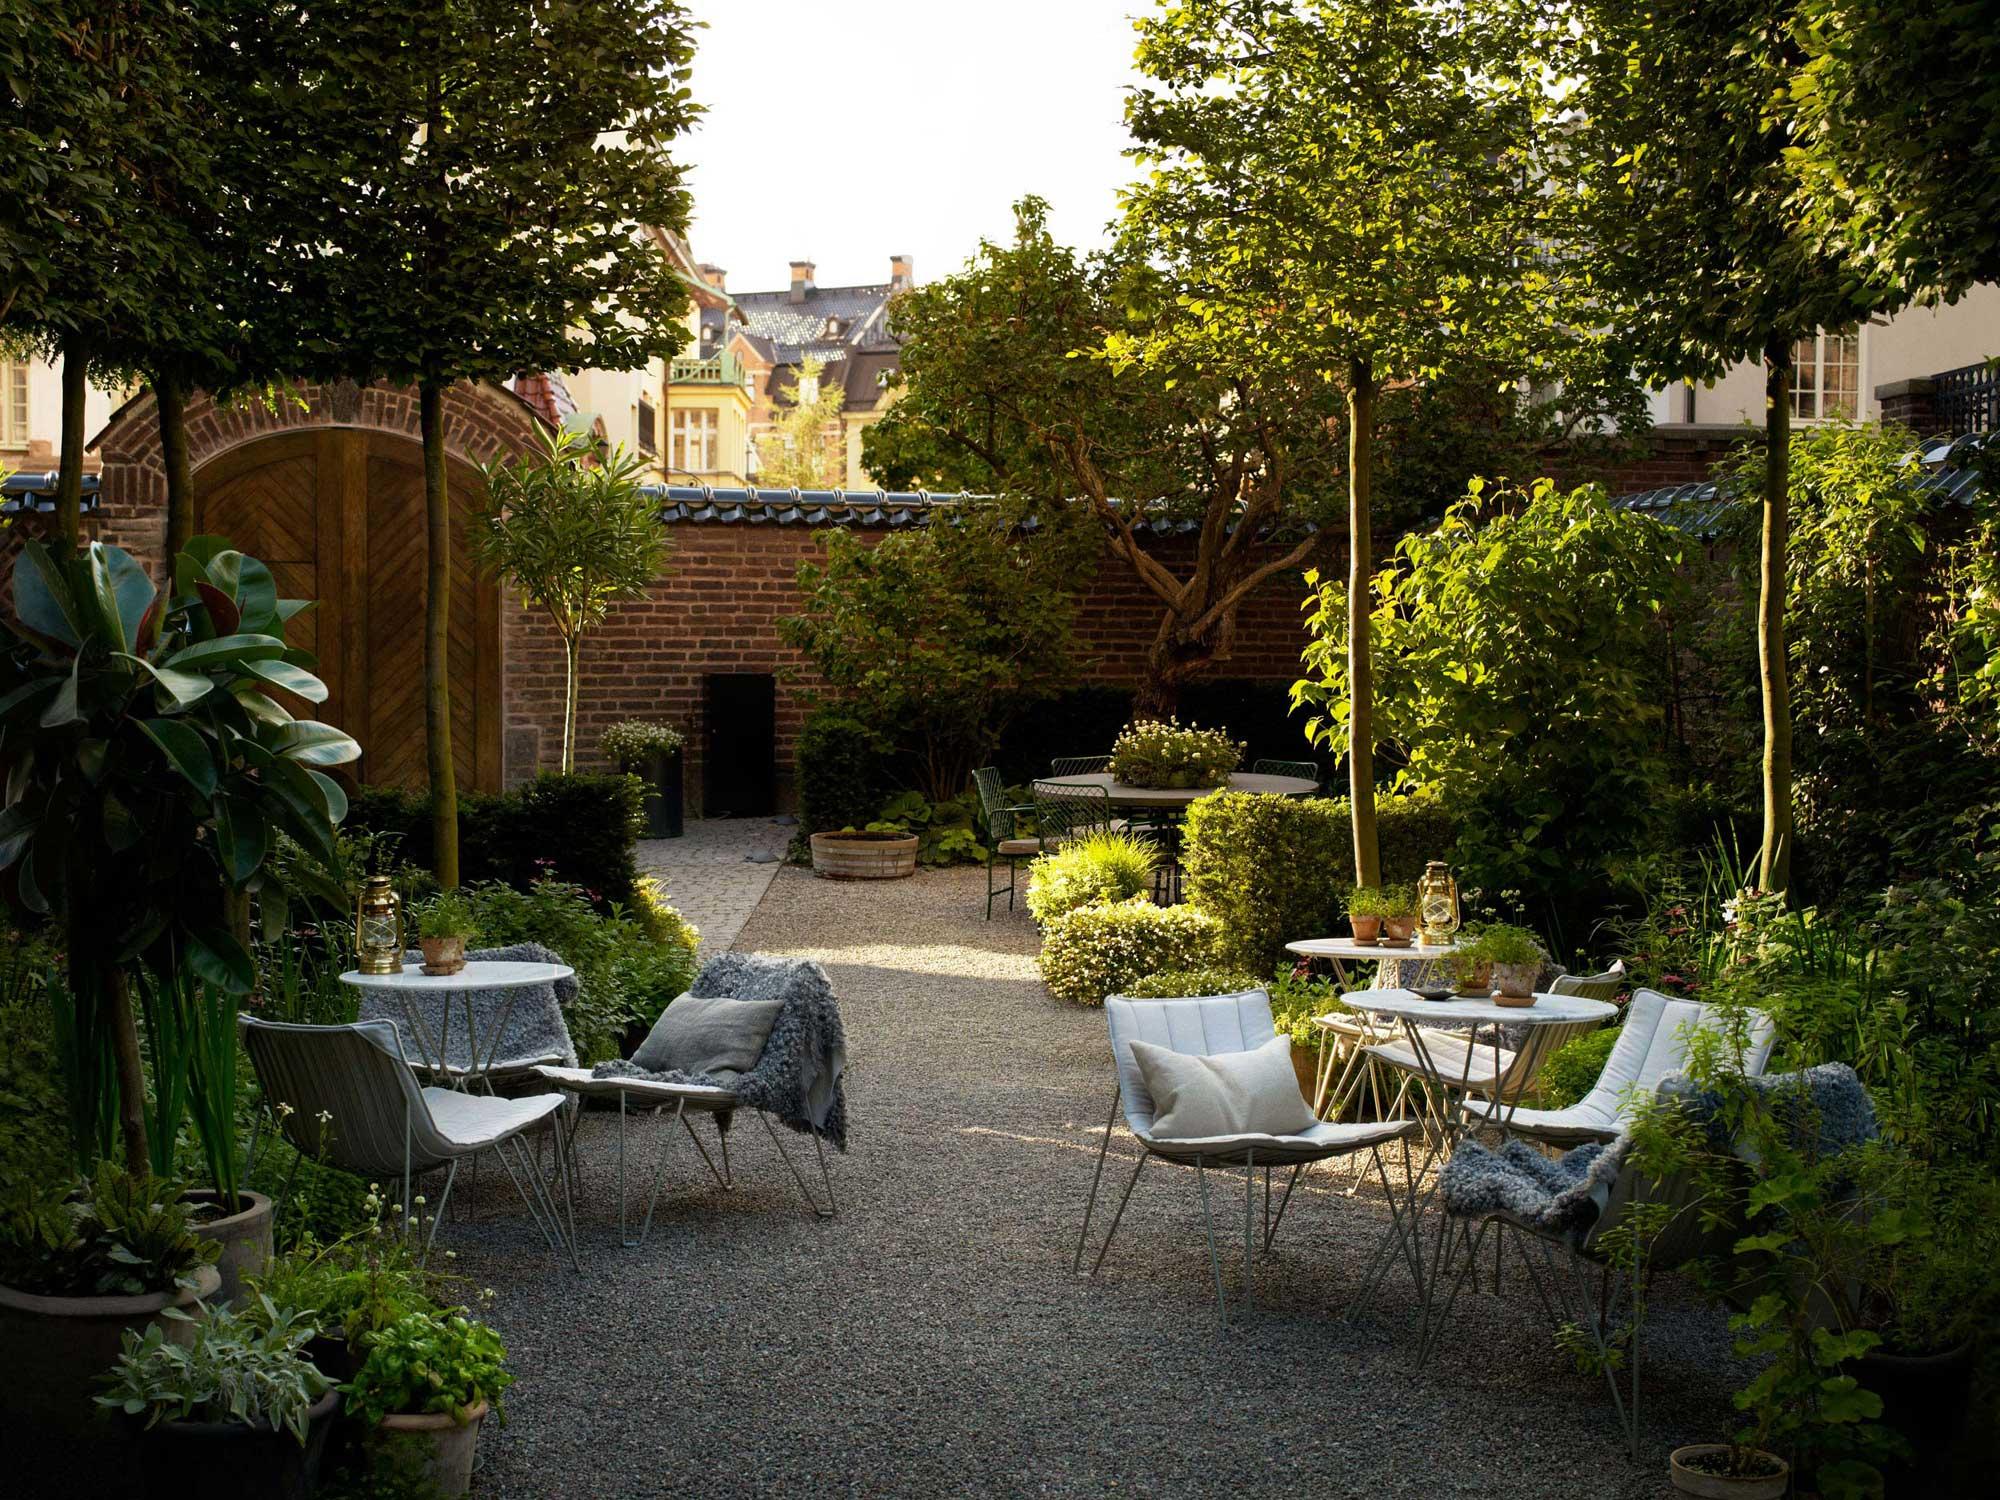 The garden at Ett Hem